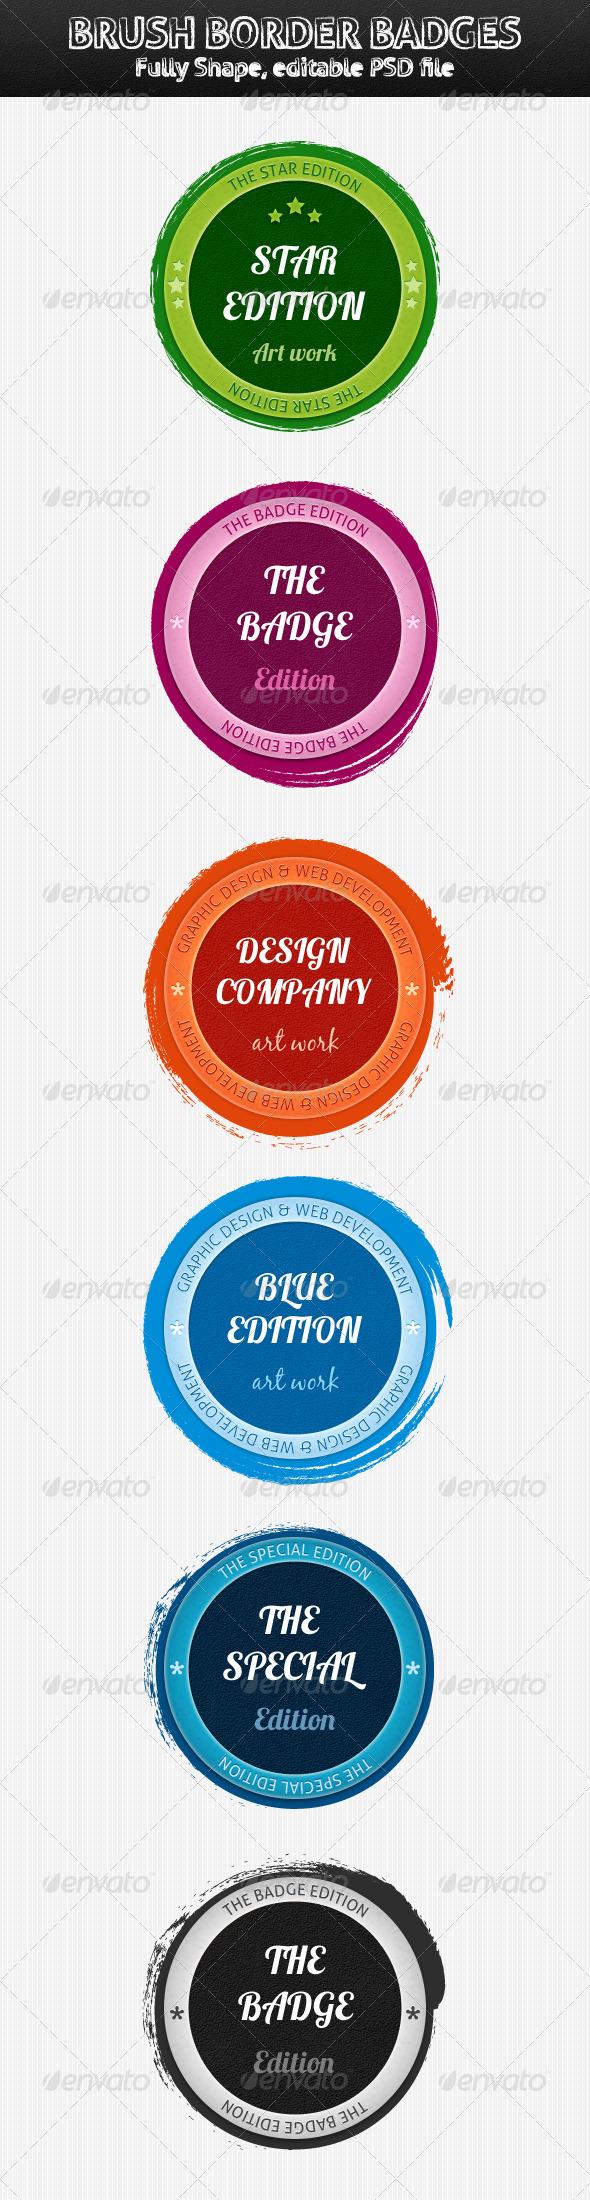 Brush Border Badges - Badges & Stickers Web Elements